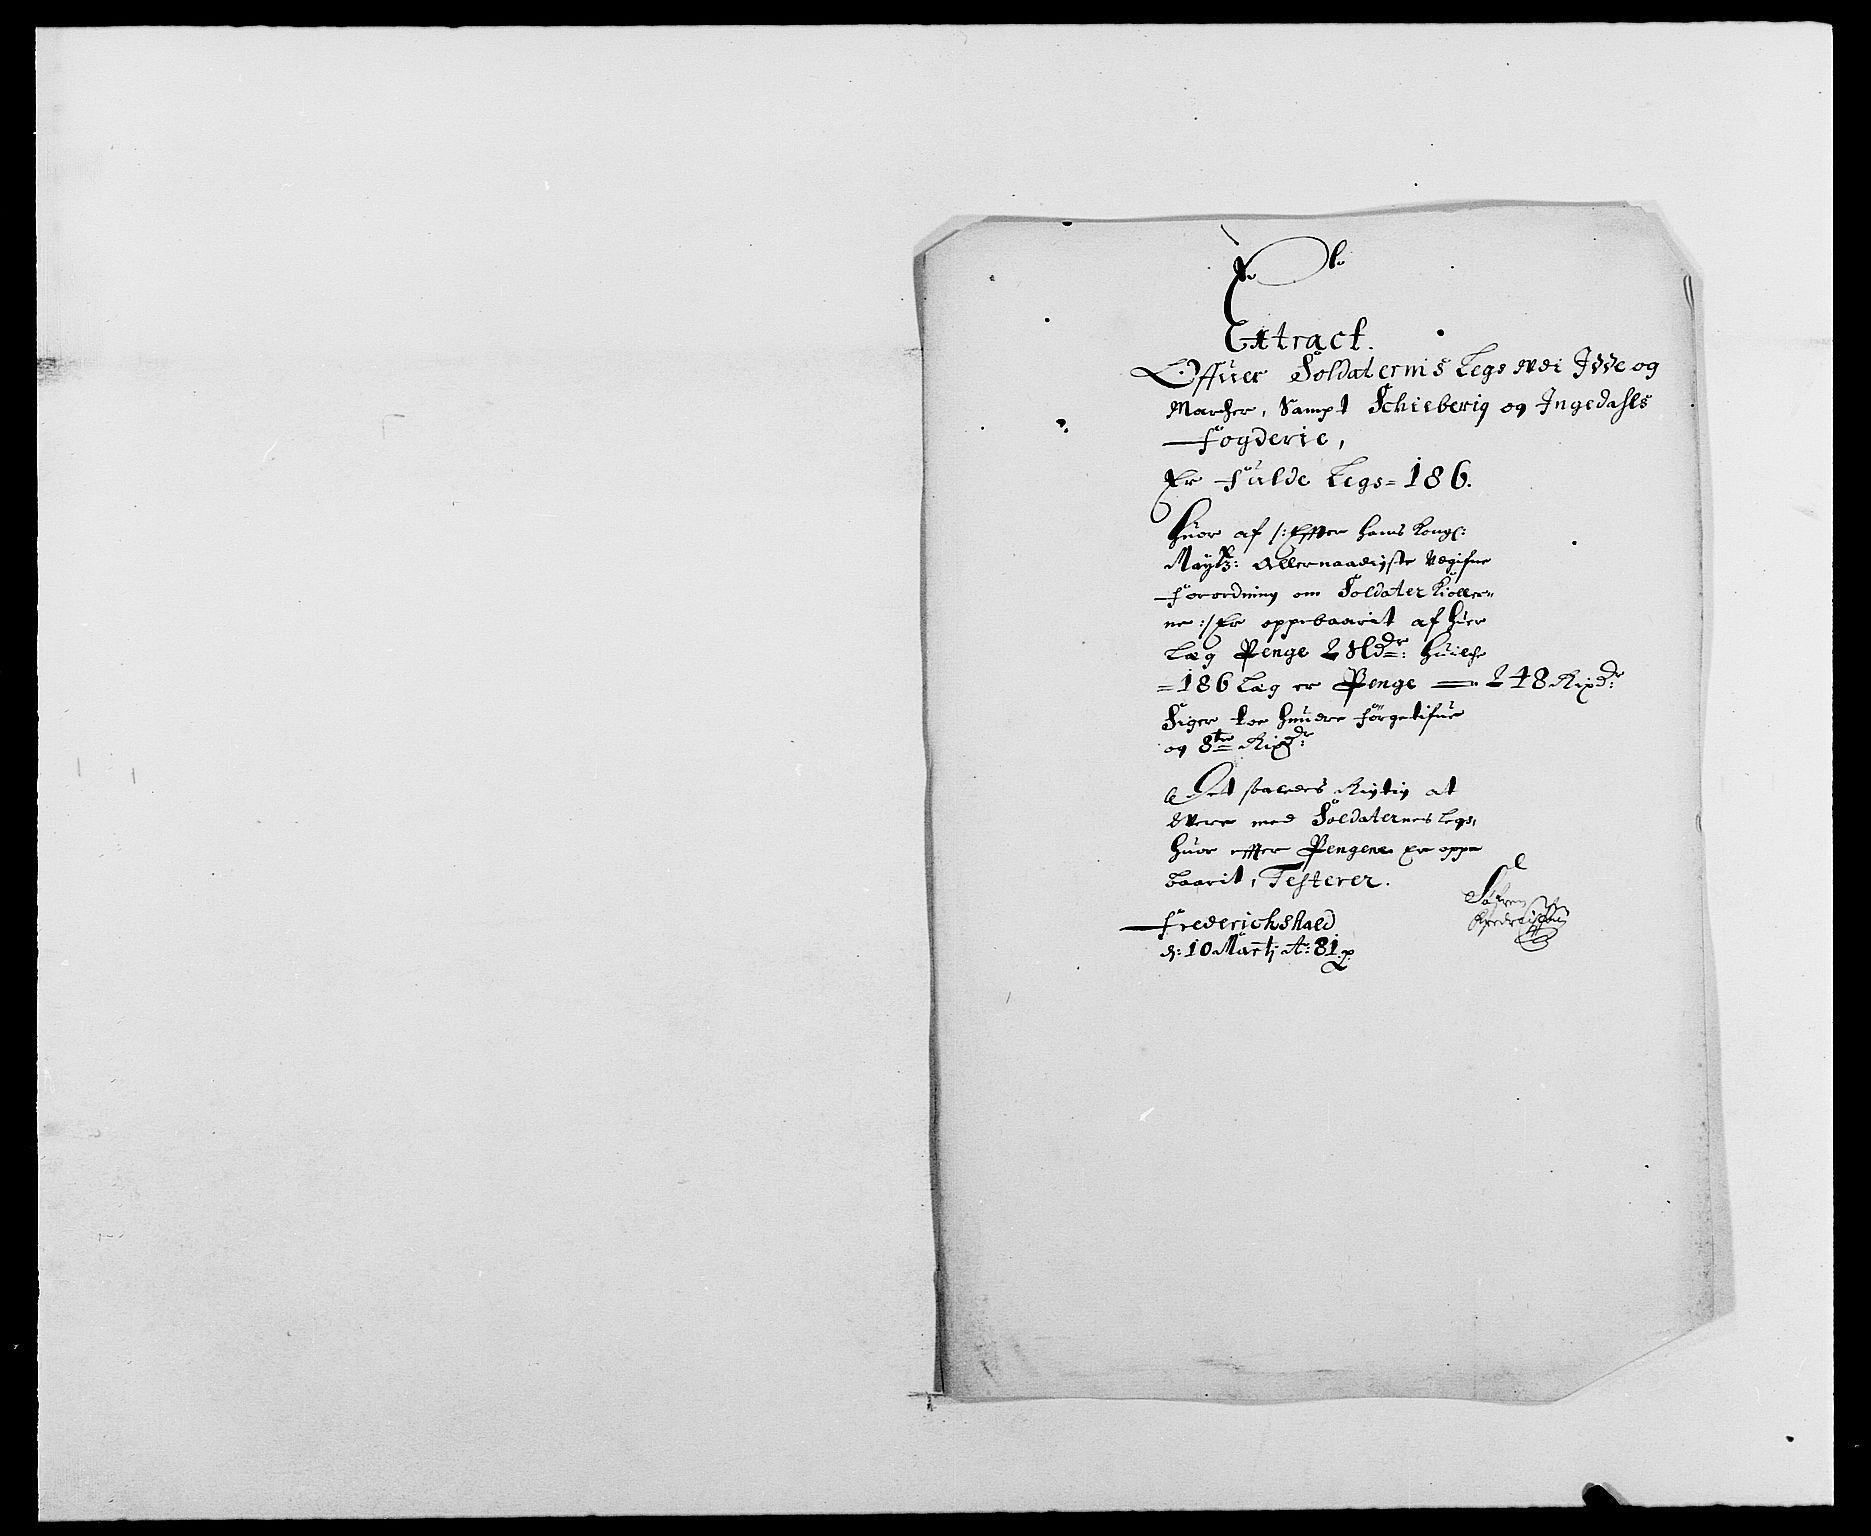 RA, Rentekammeret inntil 1814, Reviderte regnskaper, Fogderegnskap, R01/L0002: Fogderegnskap Idd og Marker, 1680-1681, s. 201